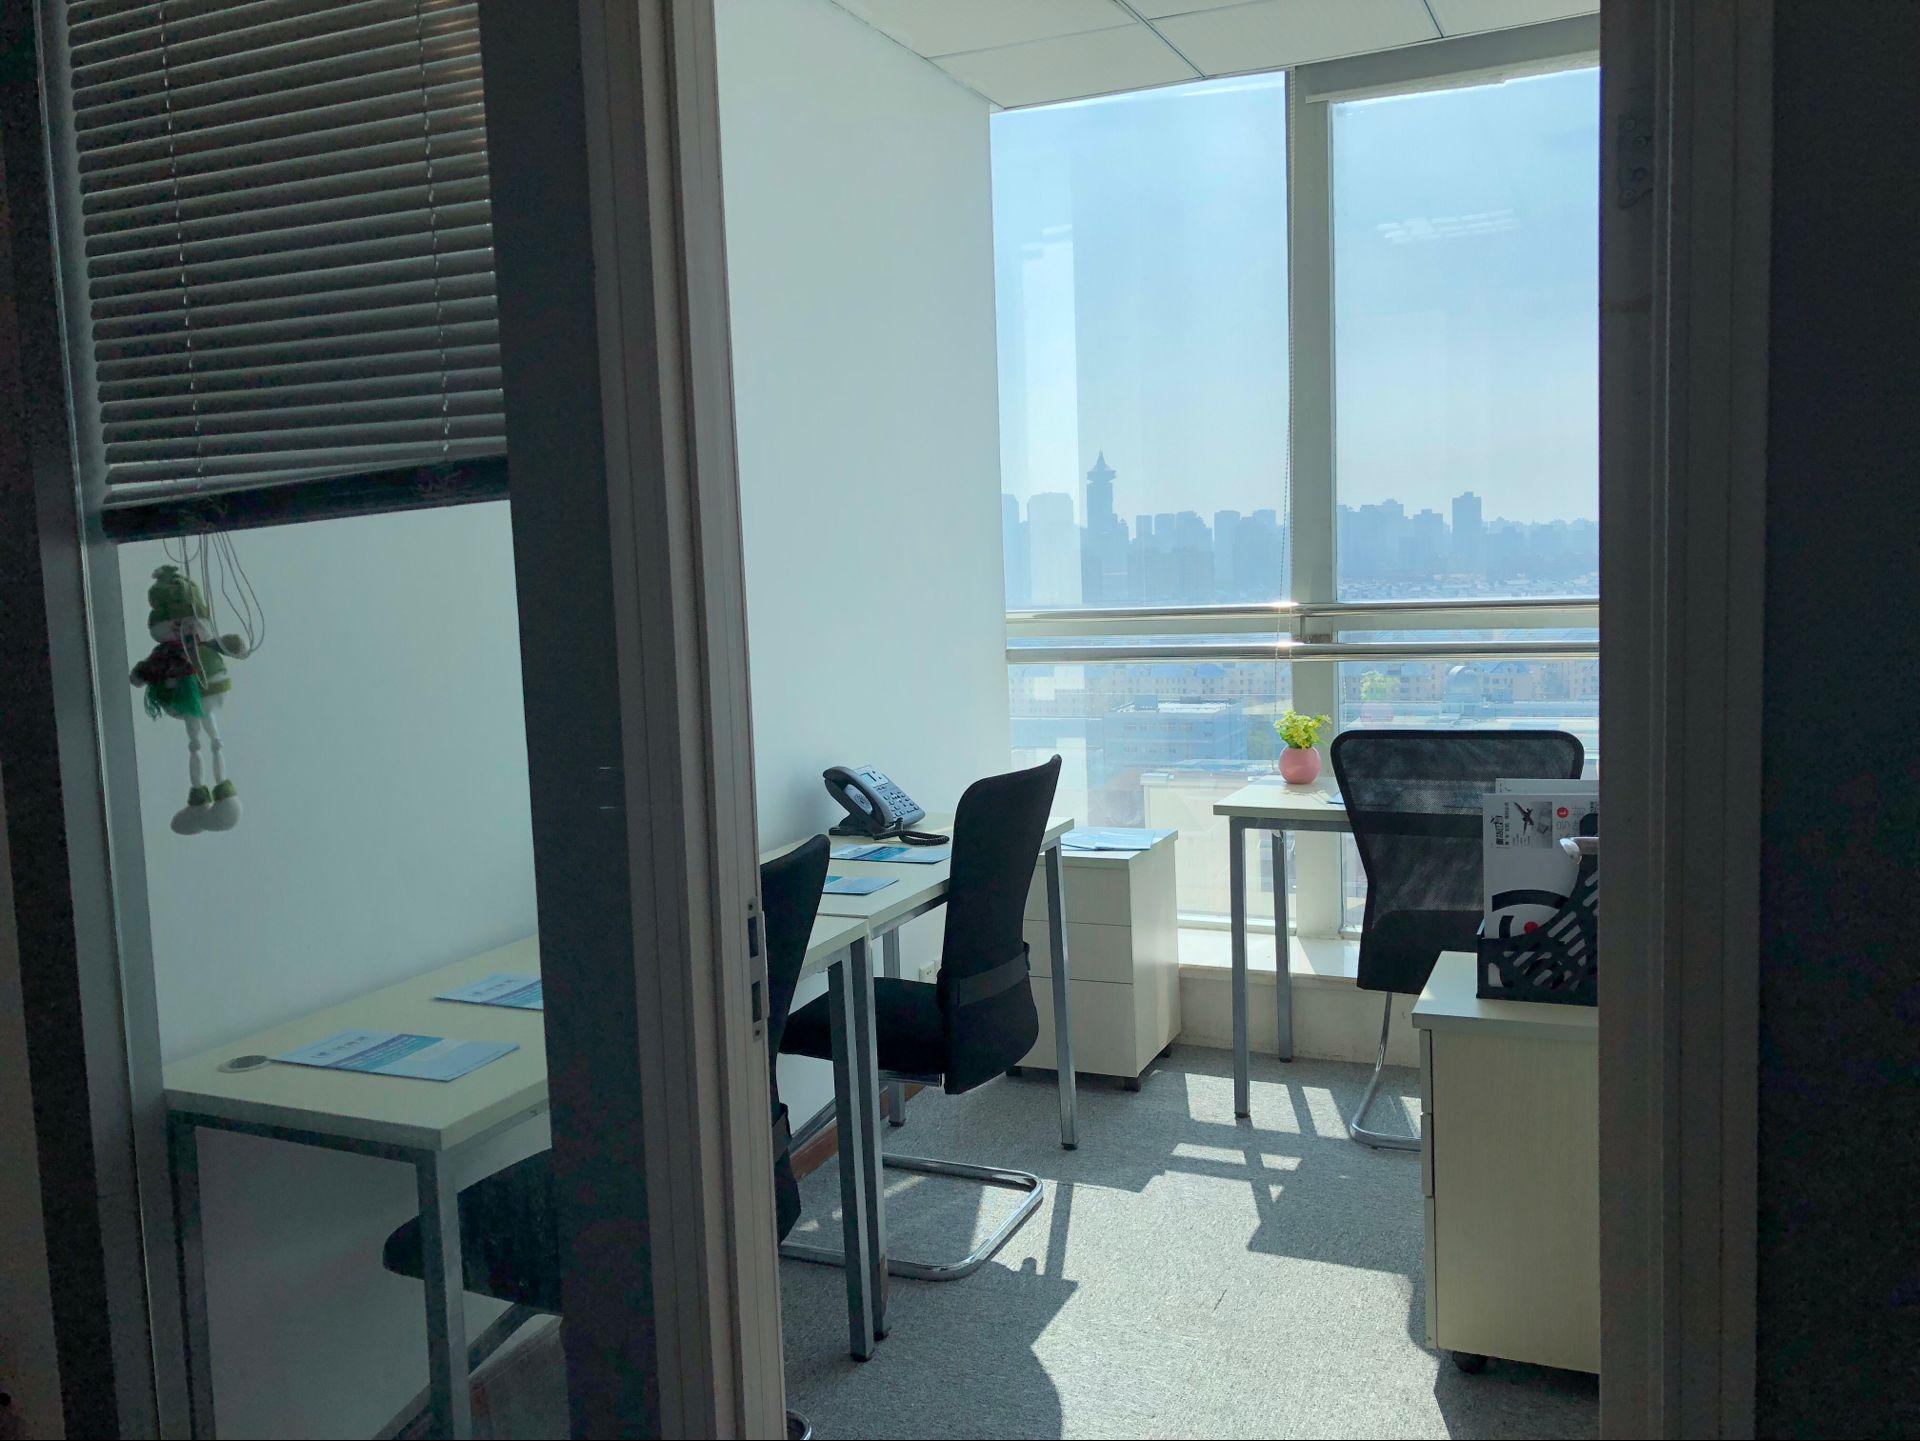 中融恒瑞国际大厦创富港出租3人间带窗户现房